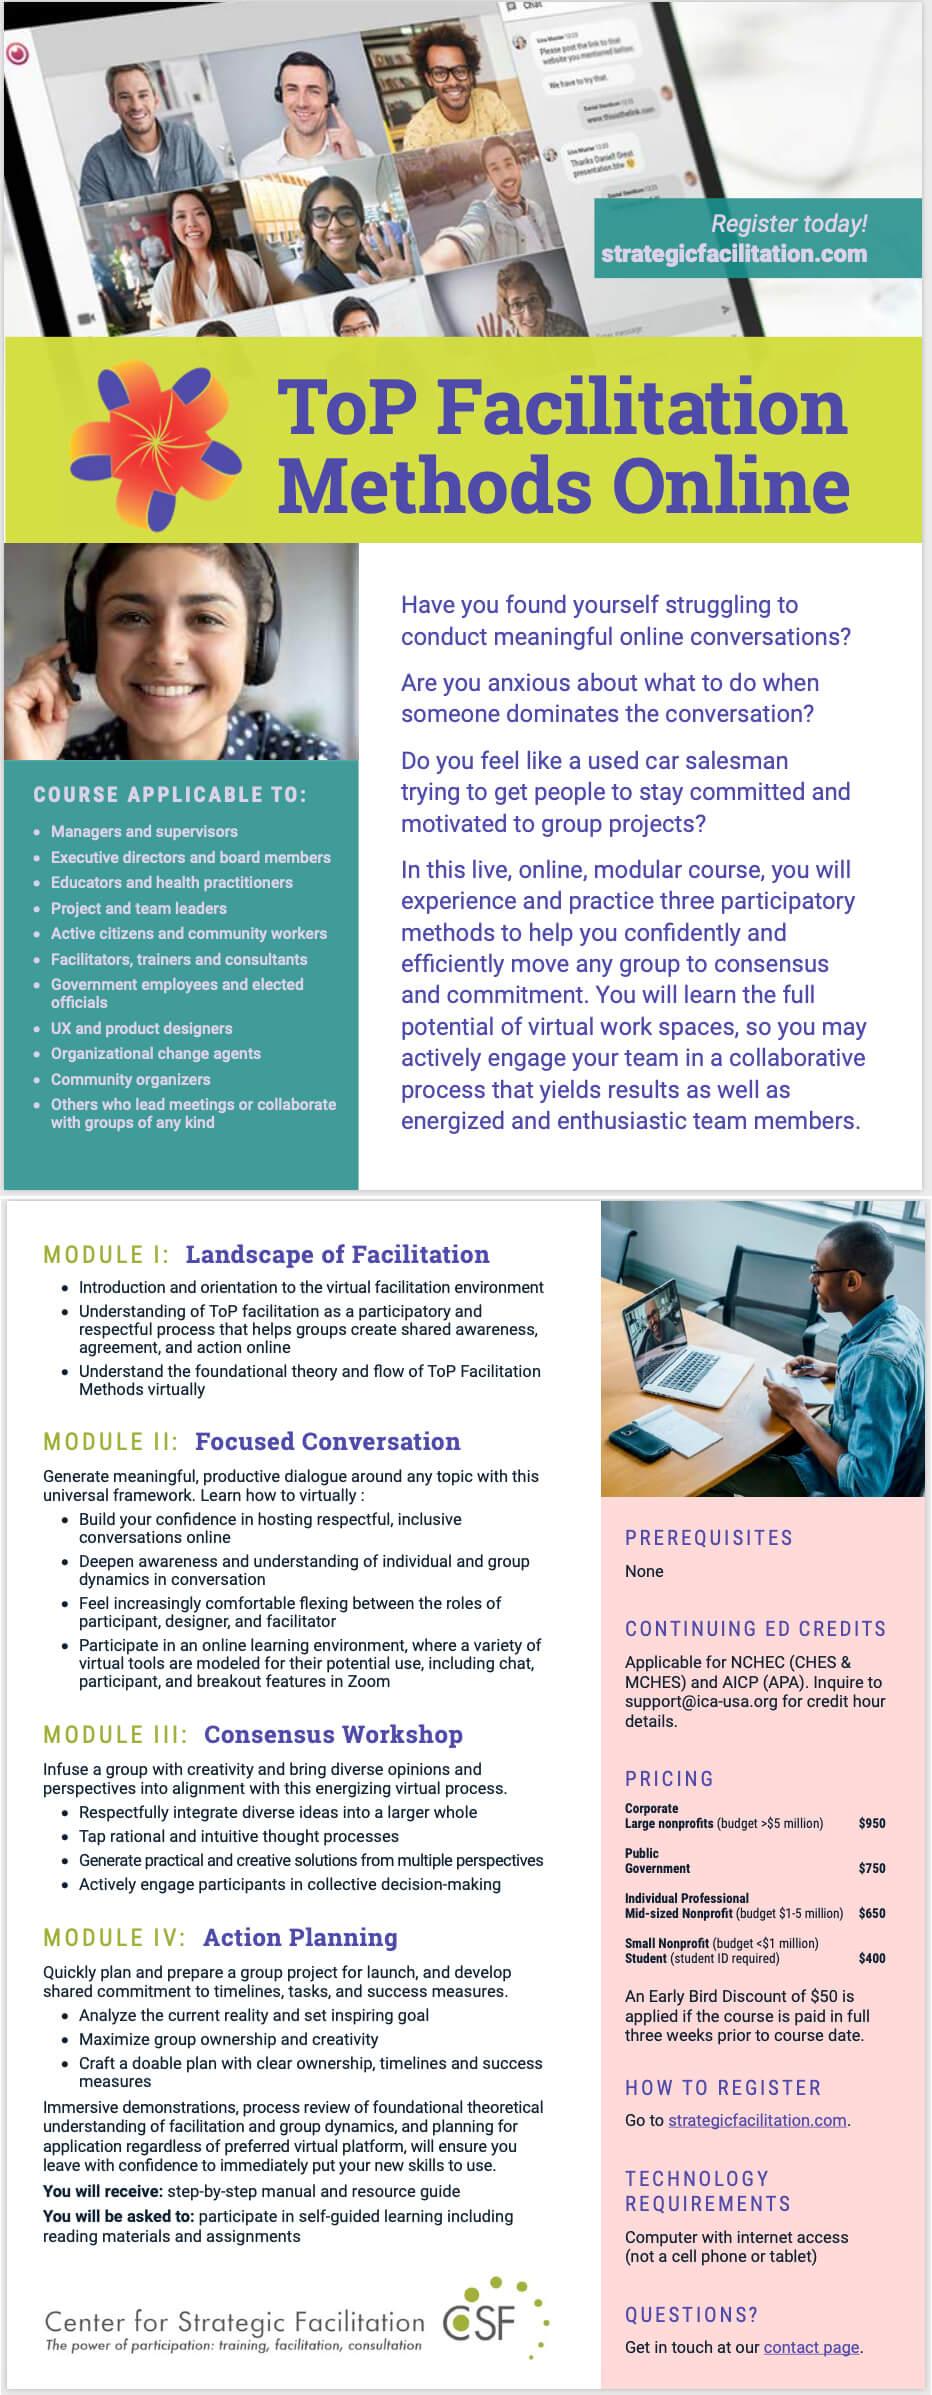 Top Facilitation Methods Brochure